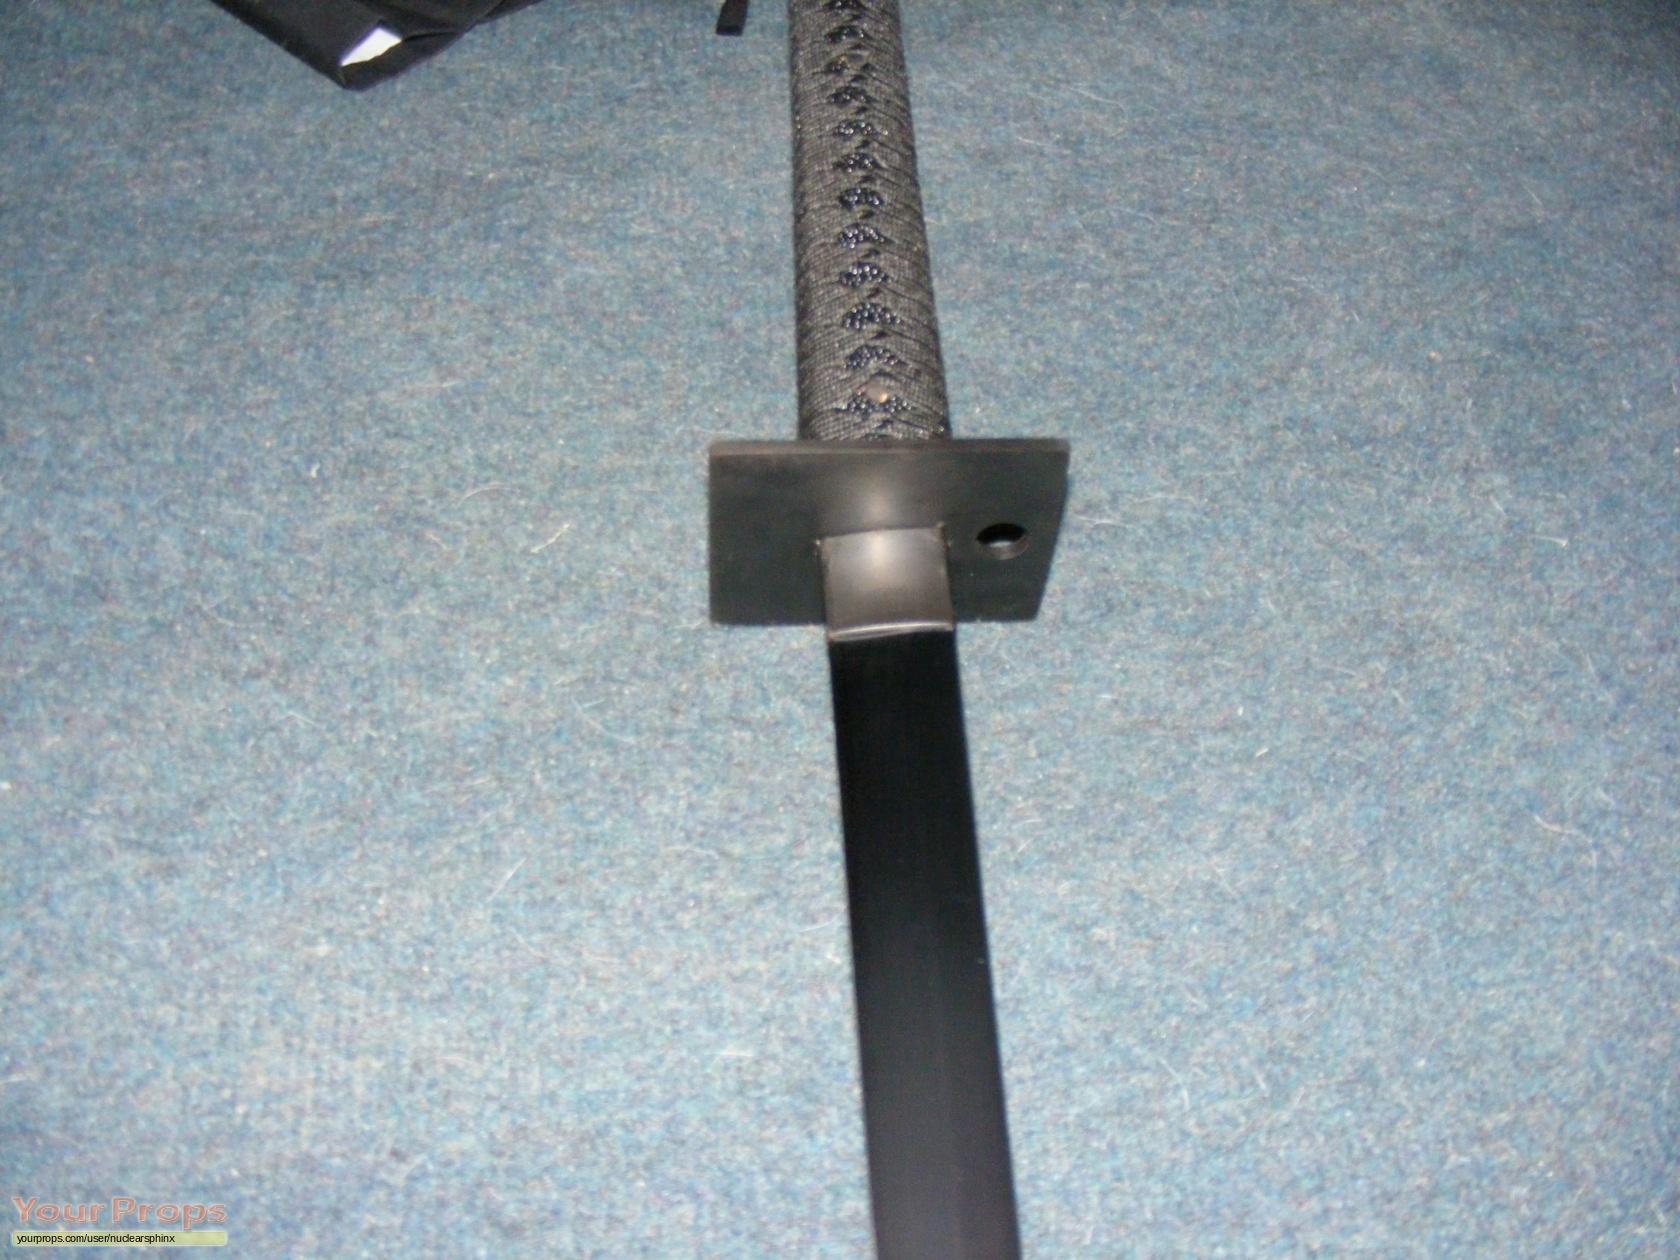 Movie prop swords